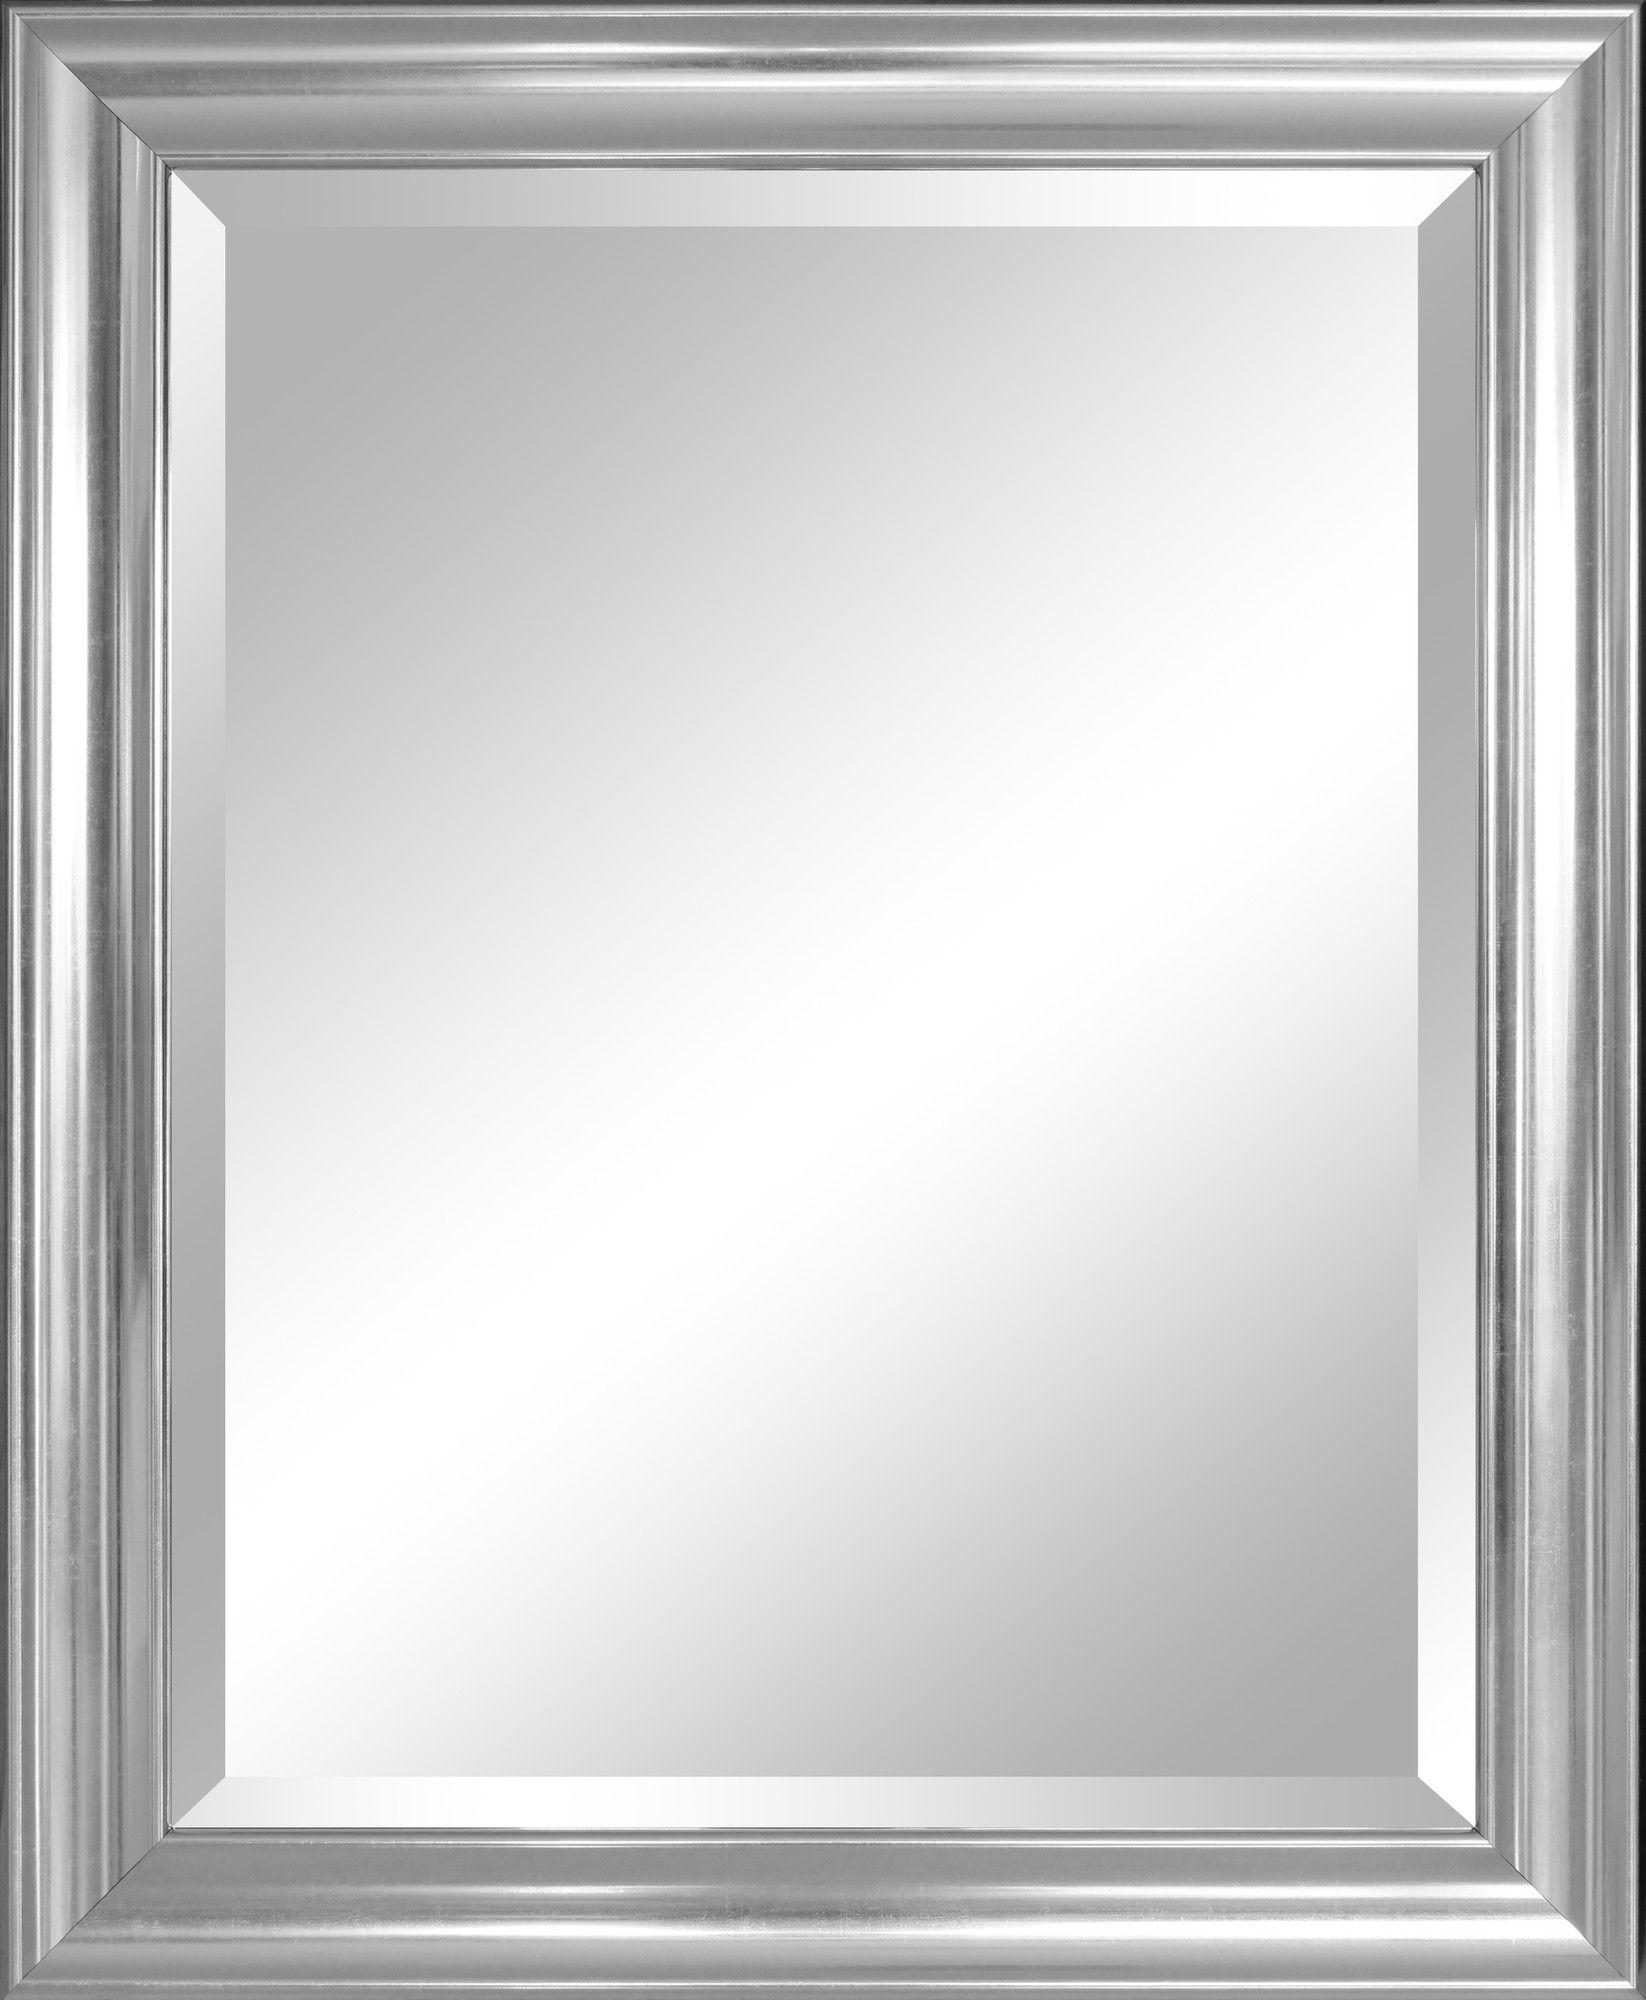 Alpine Art and Mirror Concert Framed Mirror & Reviews | Wayfair 34 ...